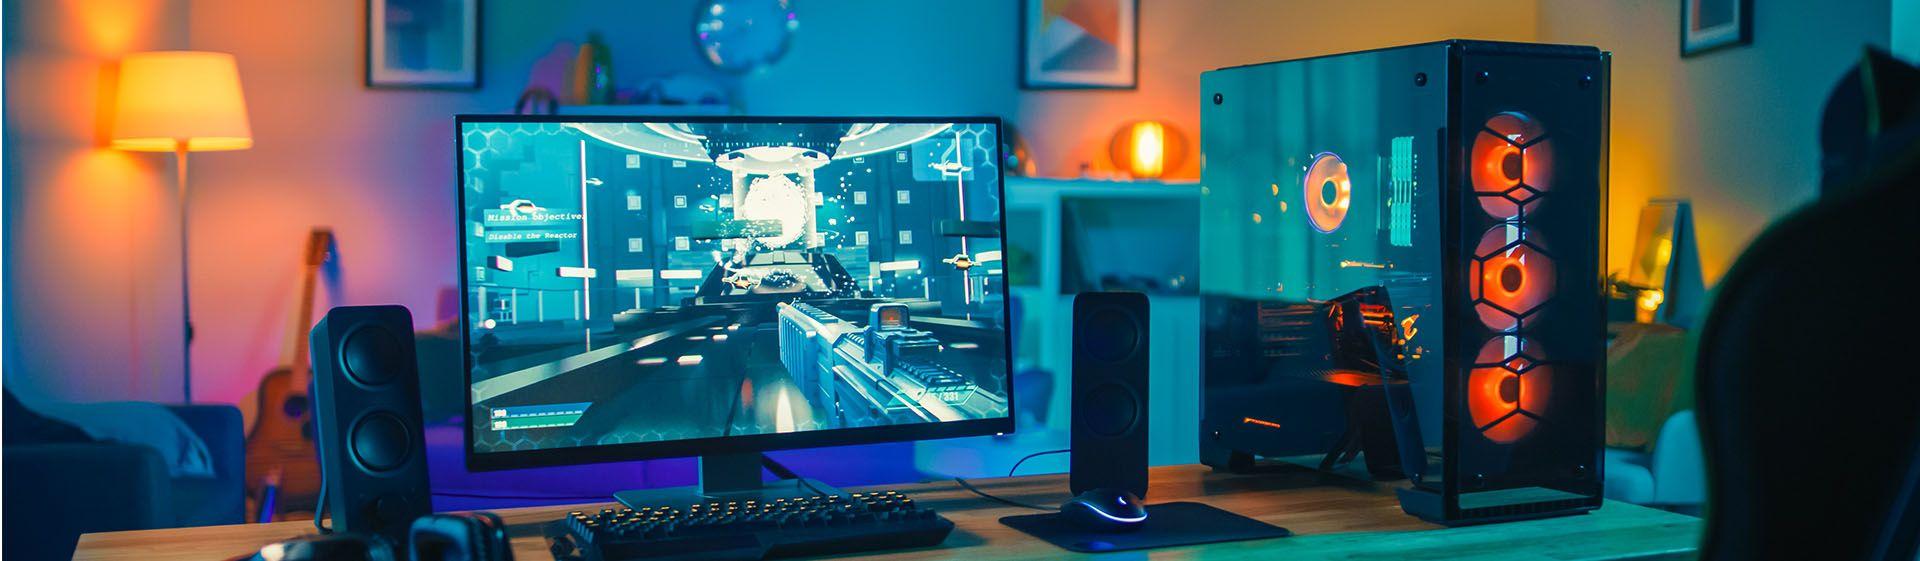 PC Gamer na Black Friday 2020: dicas para comprar peças com desconto